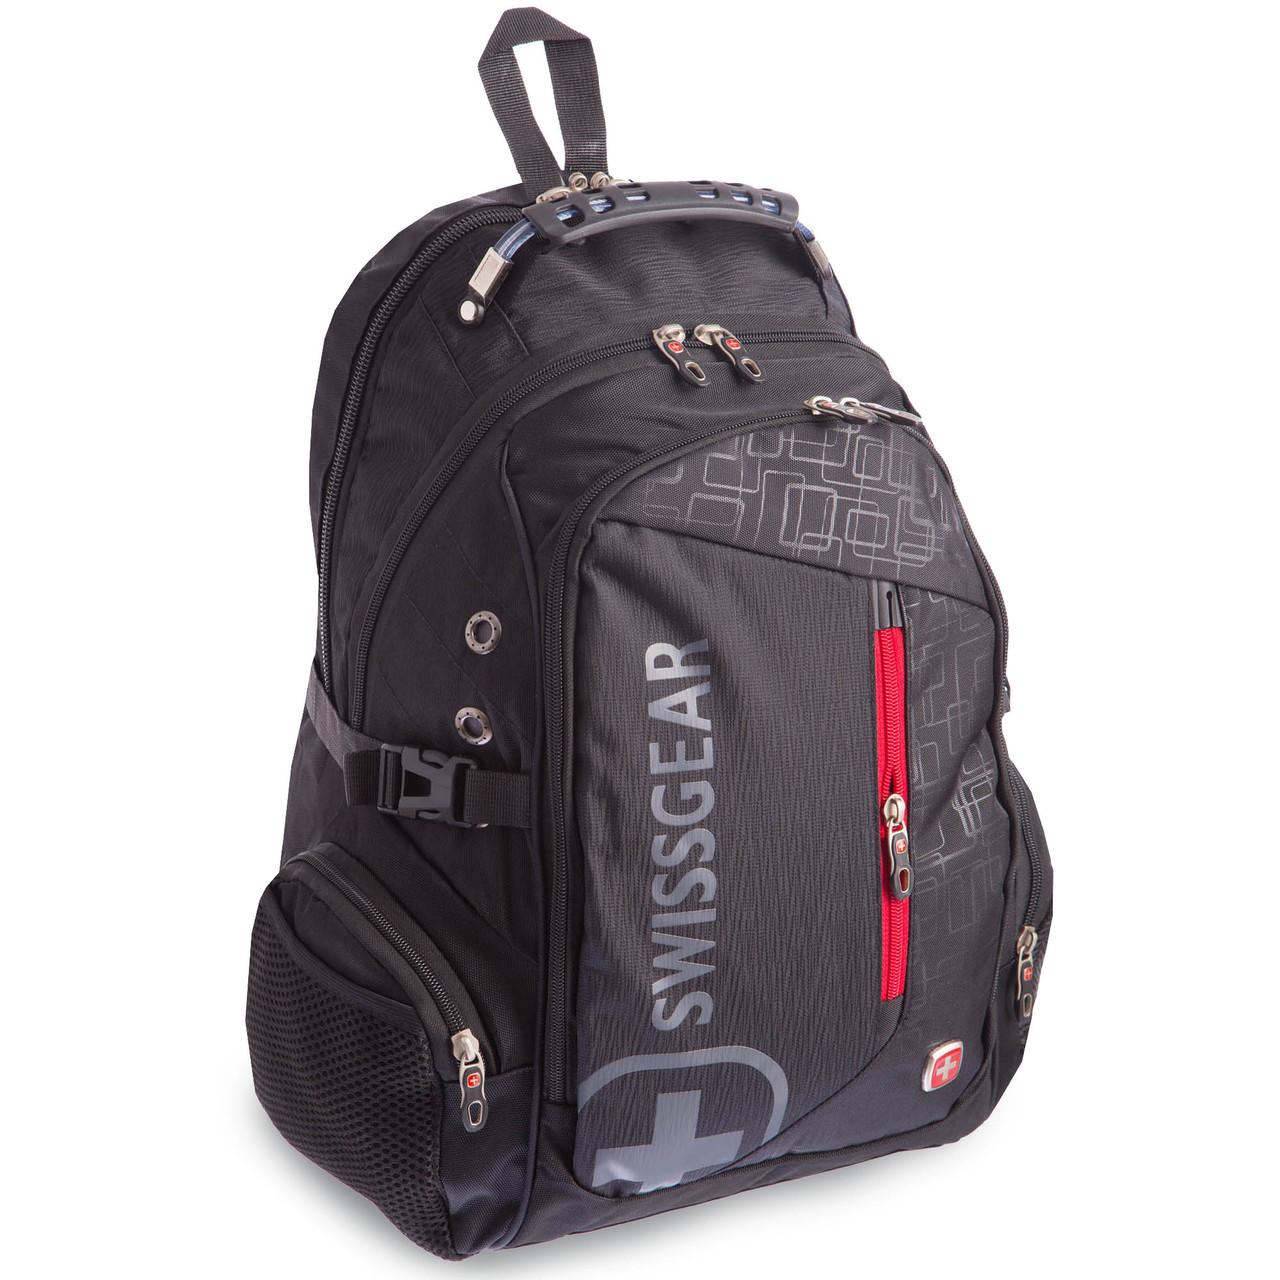 Рюкзак городской VICTOR 35л 6913 (PL, р-р 47x35x20см, USB, цвета в ассортименте)